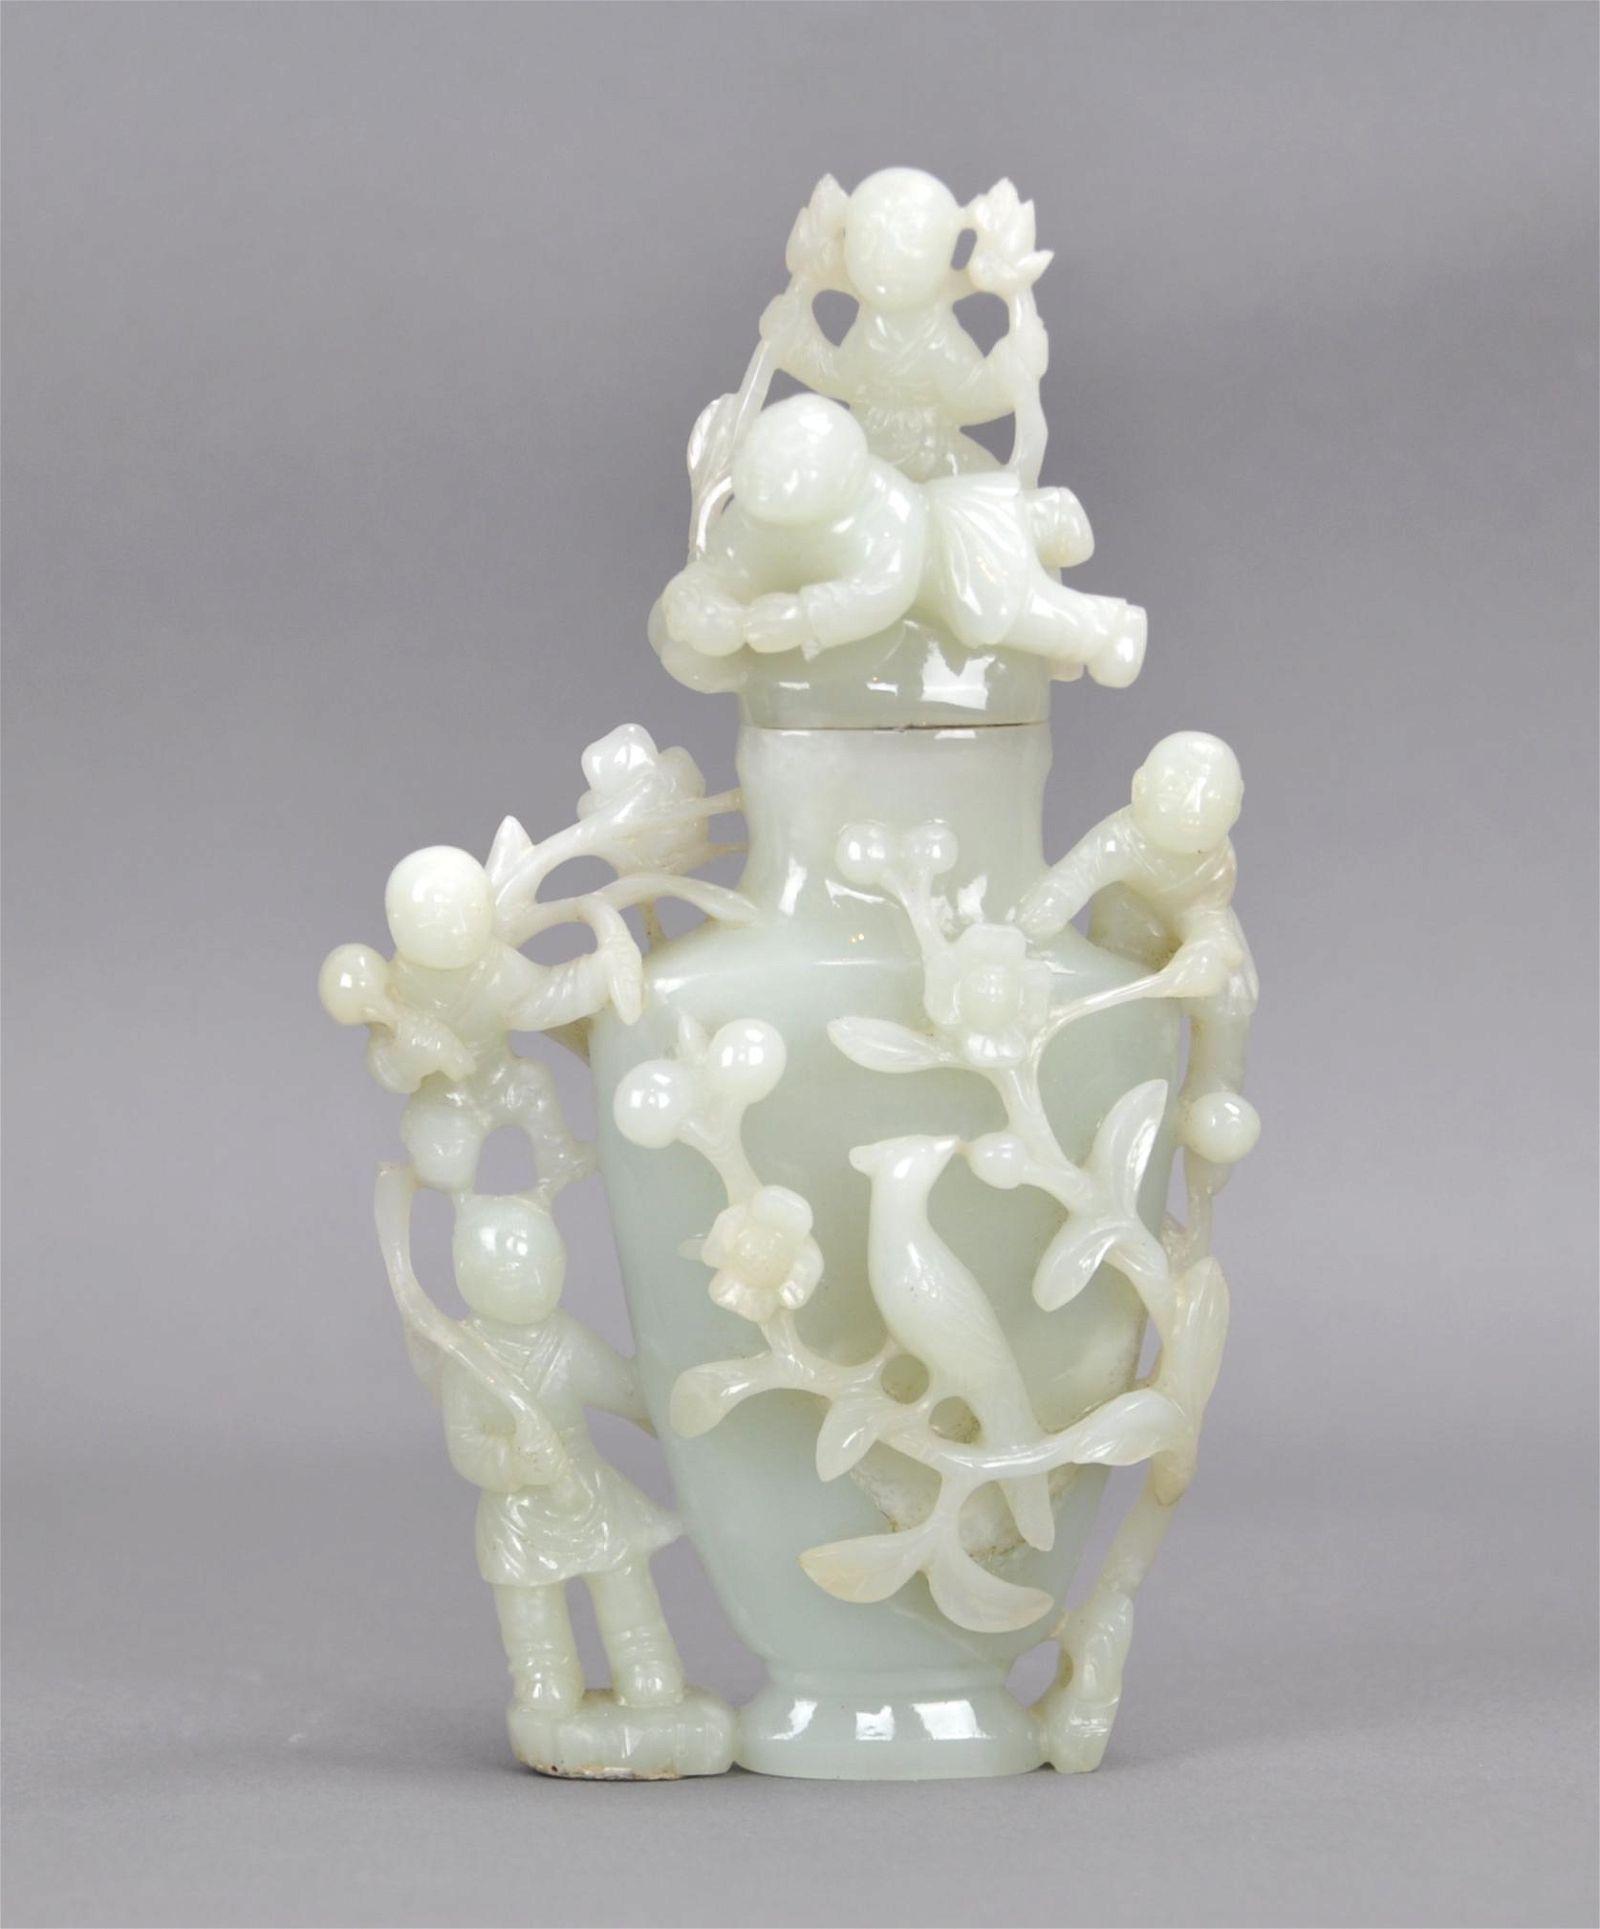 Chinese White Jade Lidded Vase